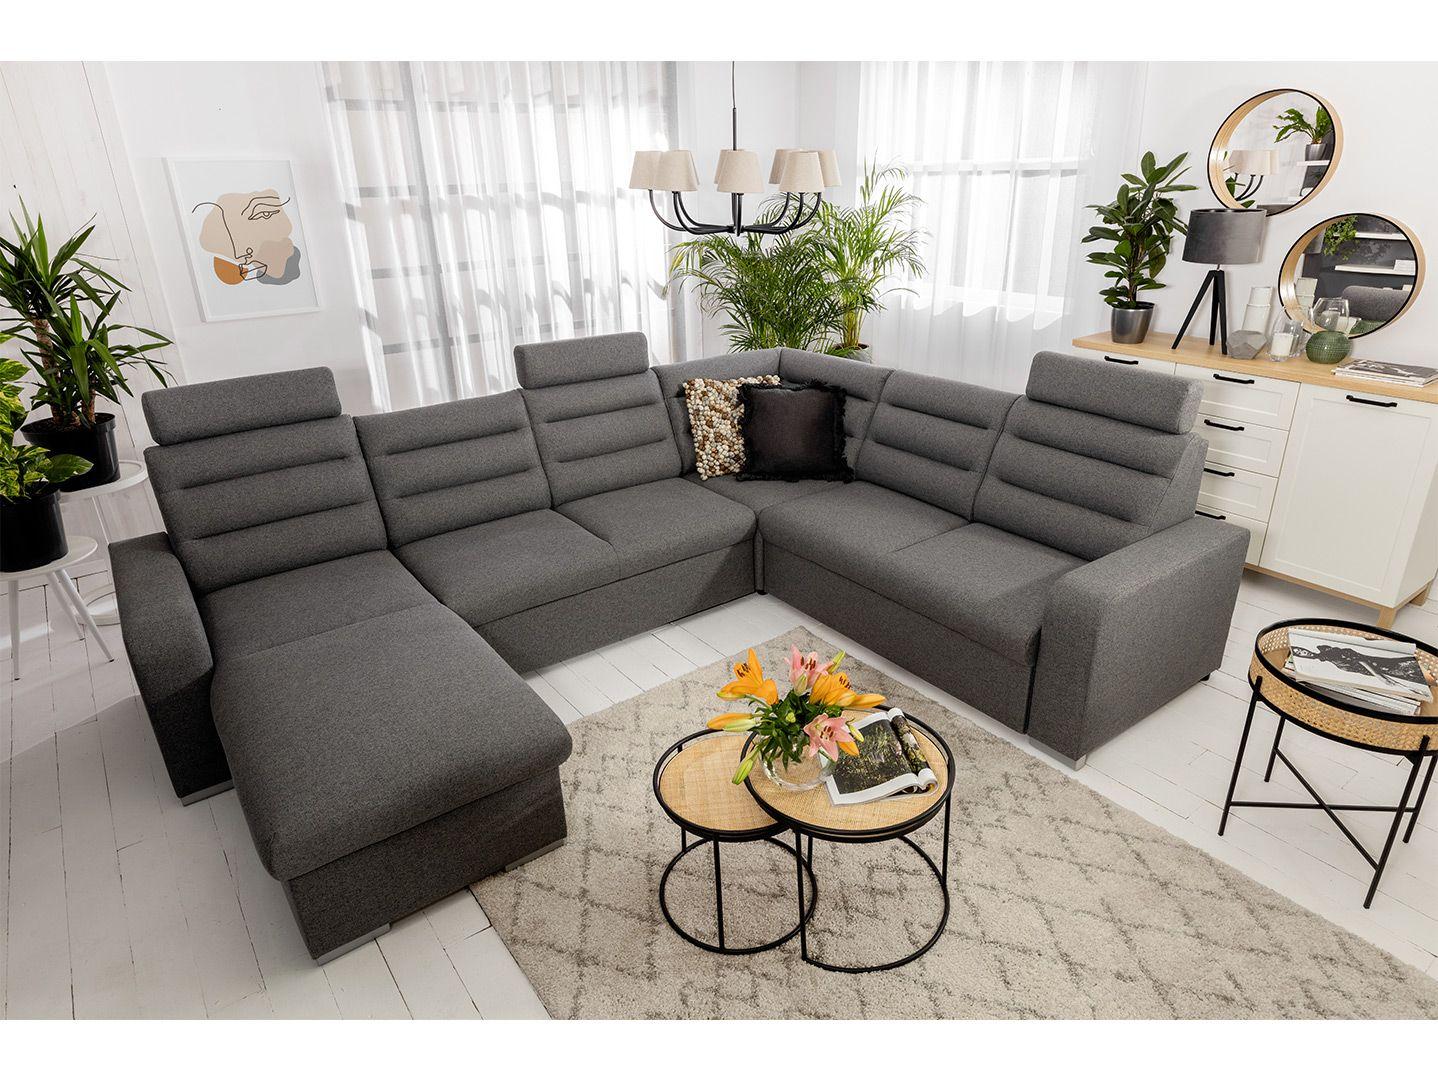 Wysoki komfort zapewnia siedzisko wypełnione sprężyną falistą oraz pianką. Dodatkową warstwę pianki wysokoelastycznej - HR docenią najbardziej wymagający użytkownicy. Fot. Black Red White